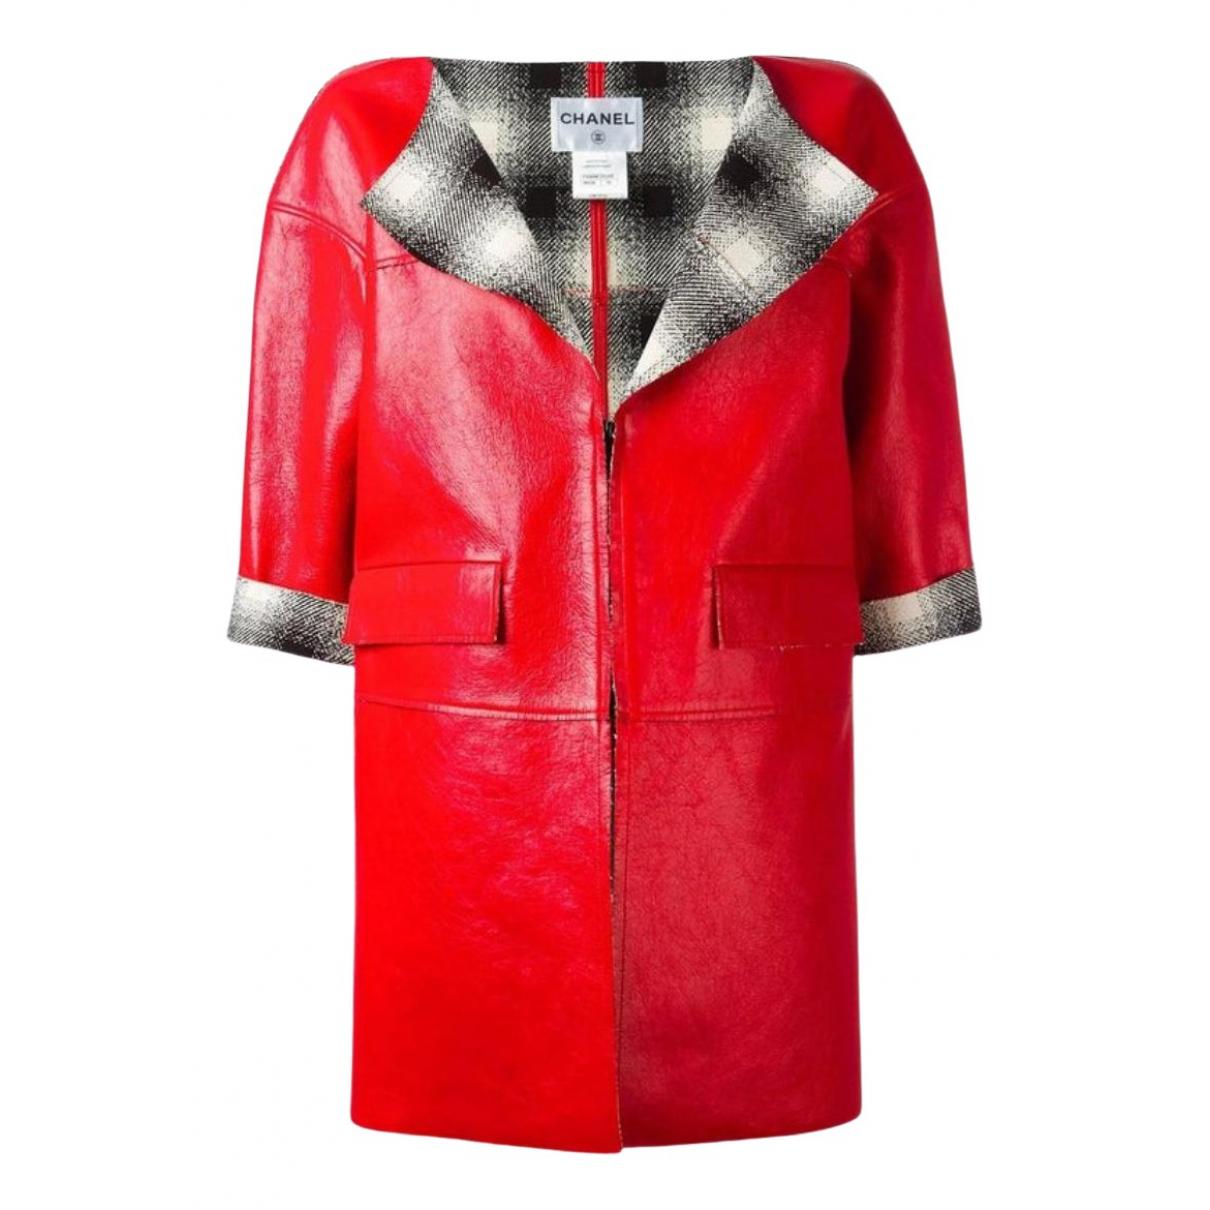 Chanel - Manteau   pour femme en cuir - rouge